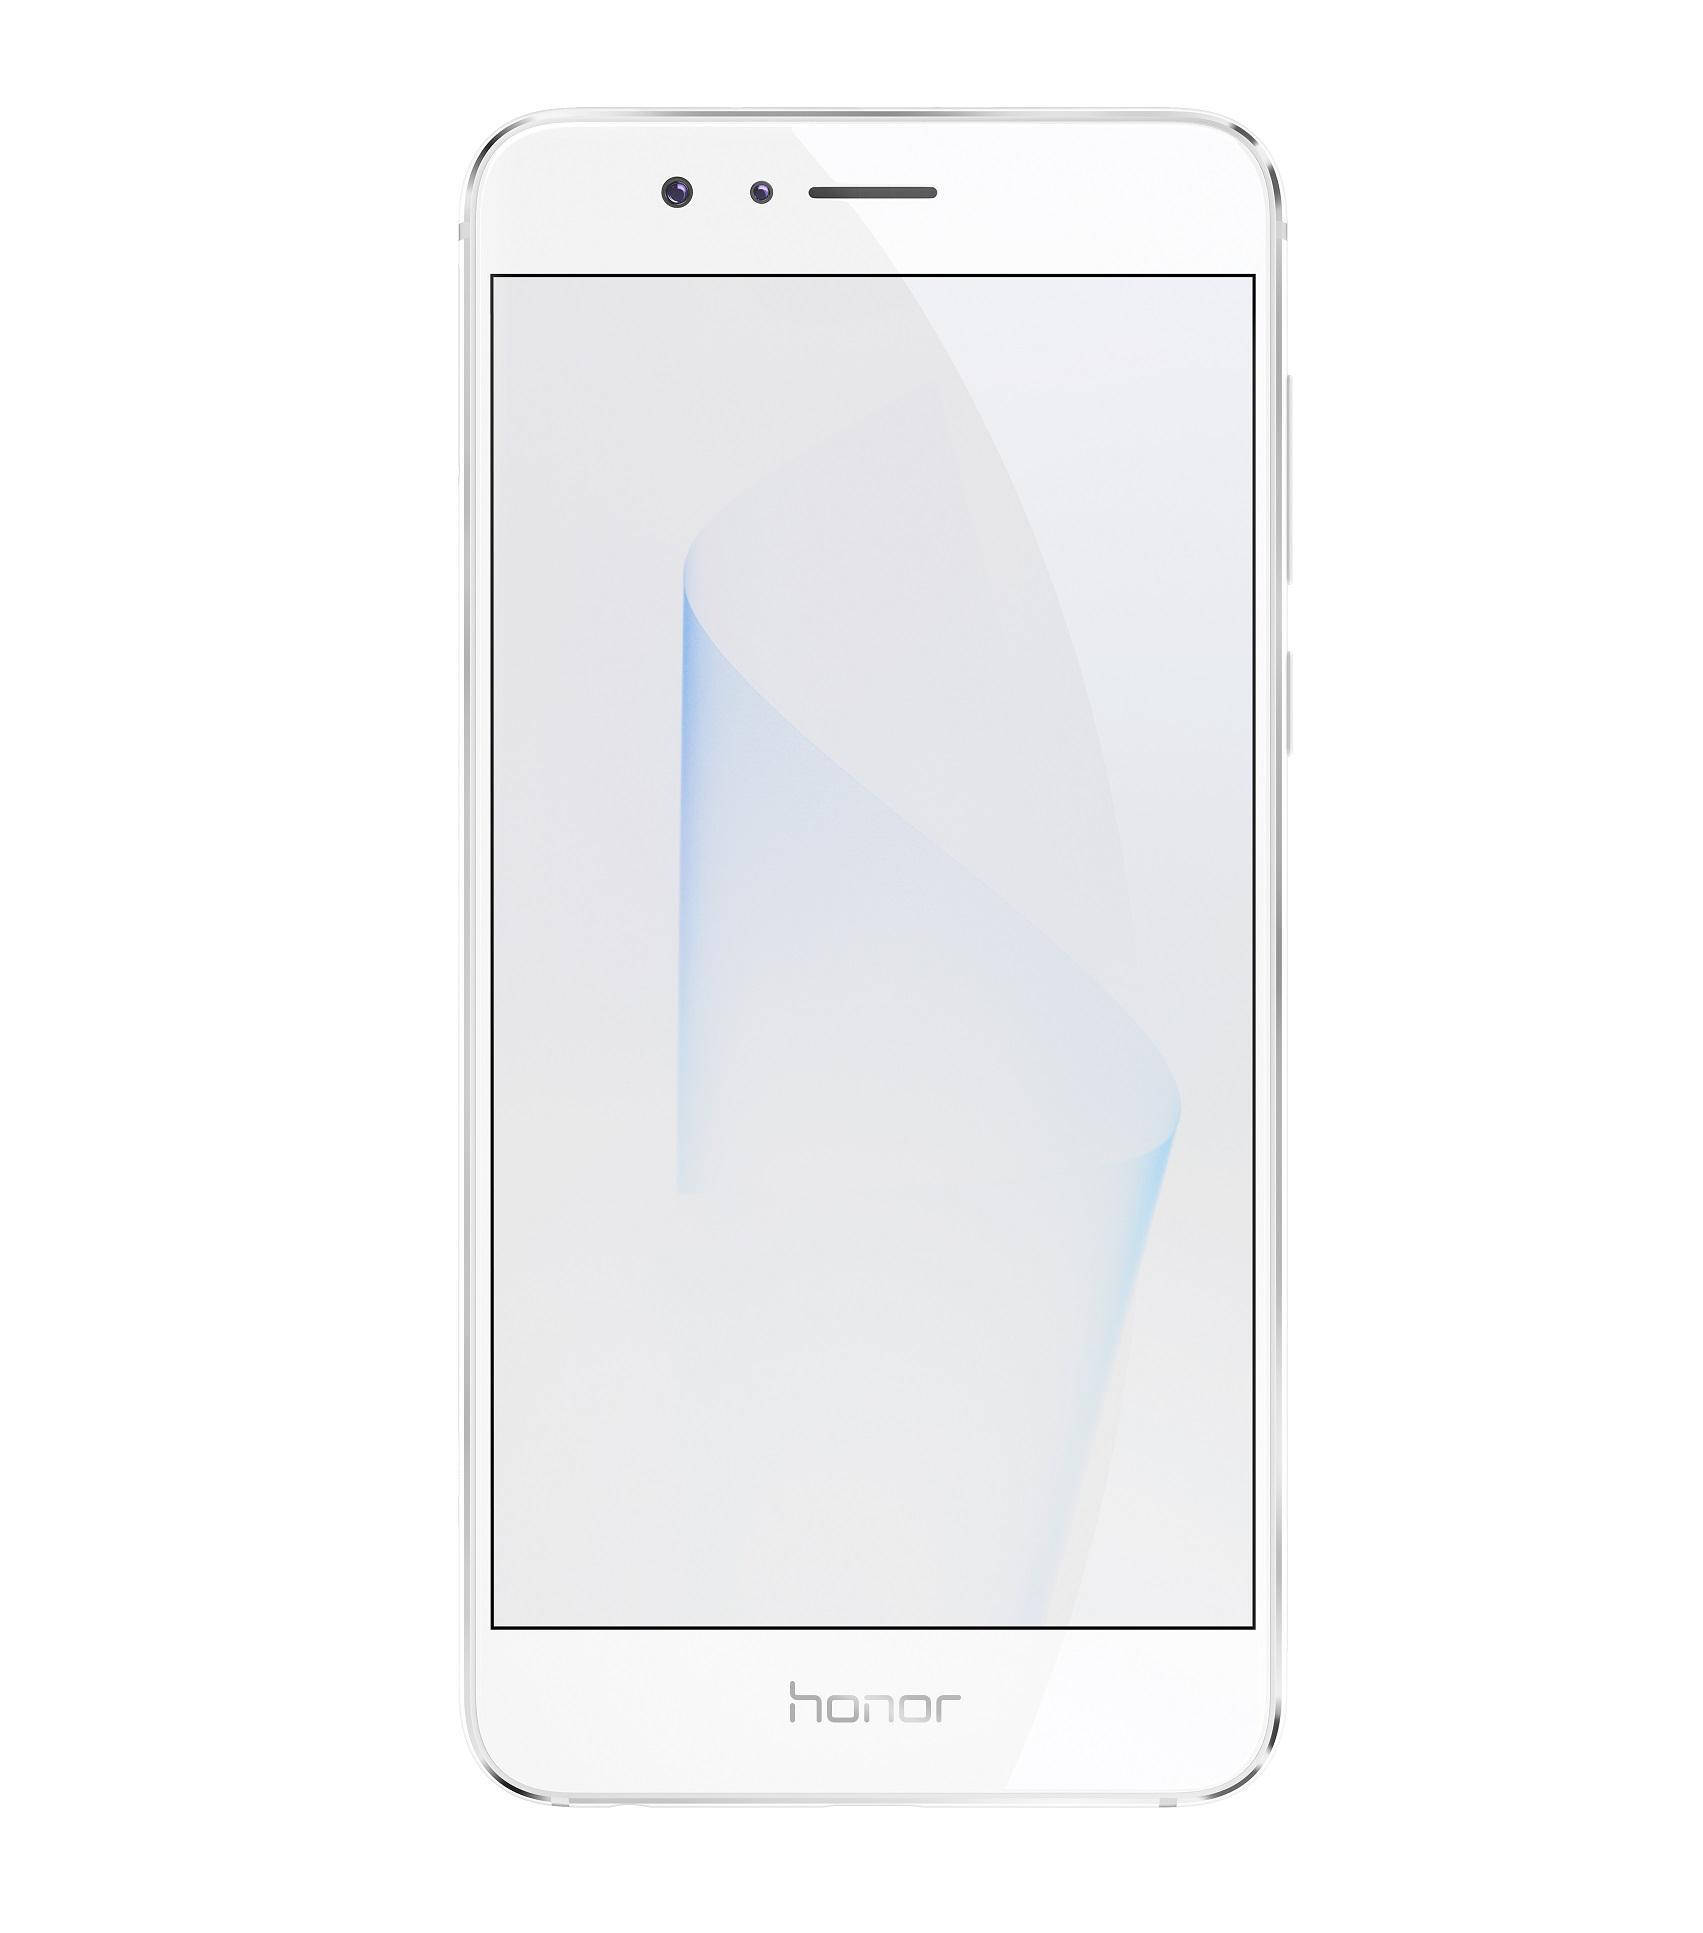 HONOR Honor 8 Dual Sim, bílá 51090QYH